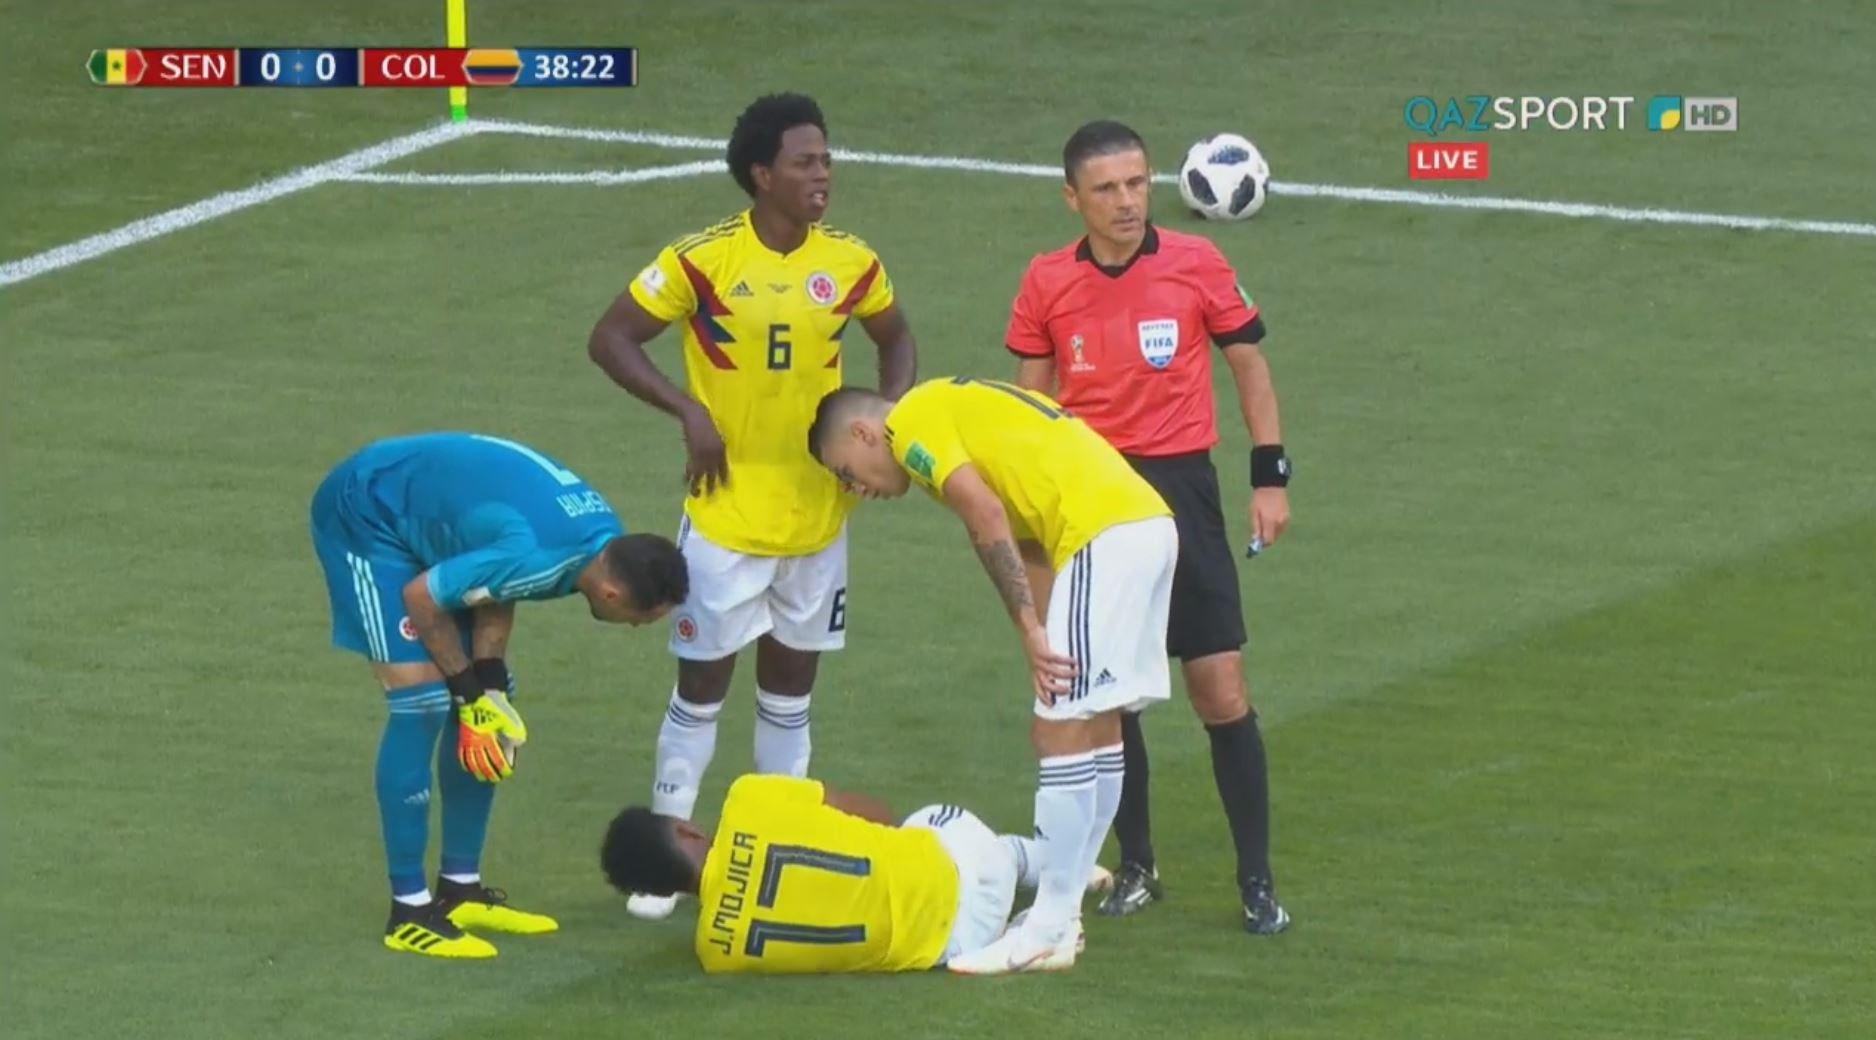 Колумбия обыграла Сенегал и вышла в плей-офф ЧМ